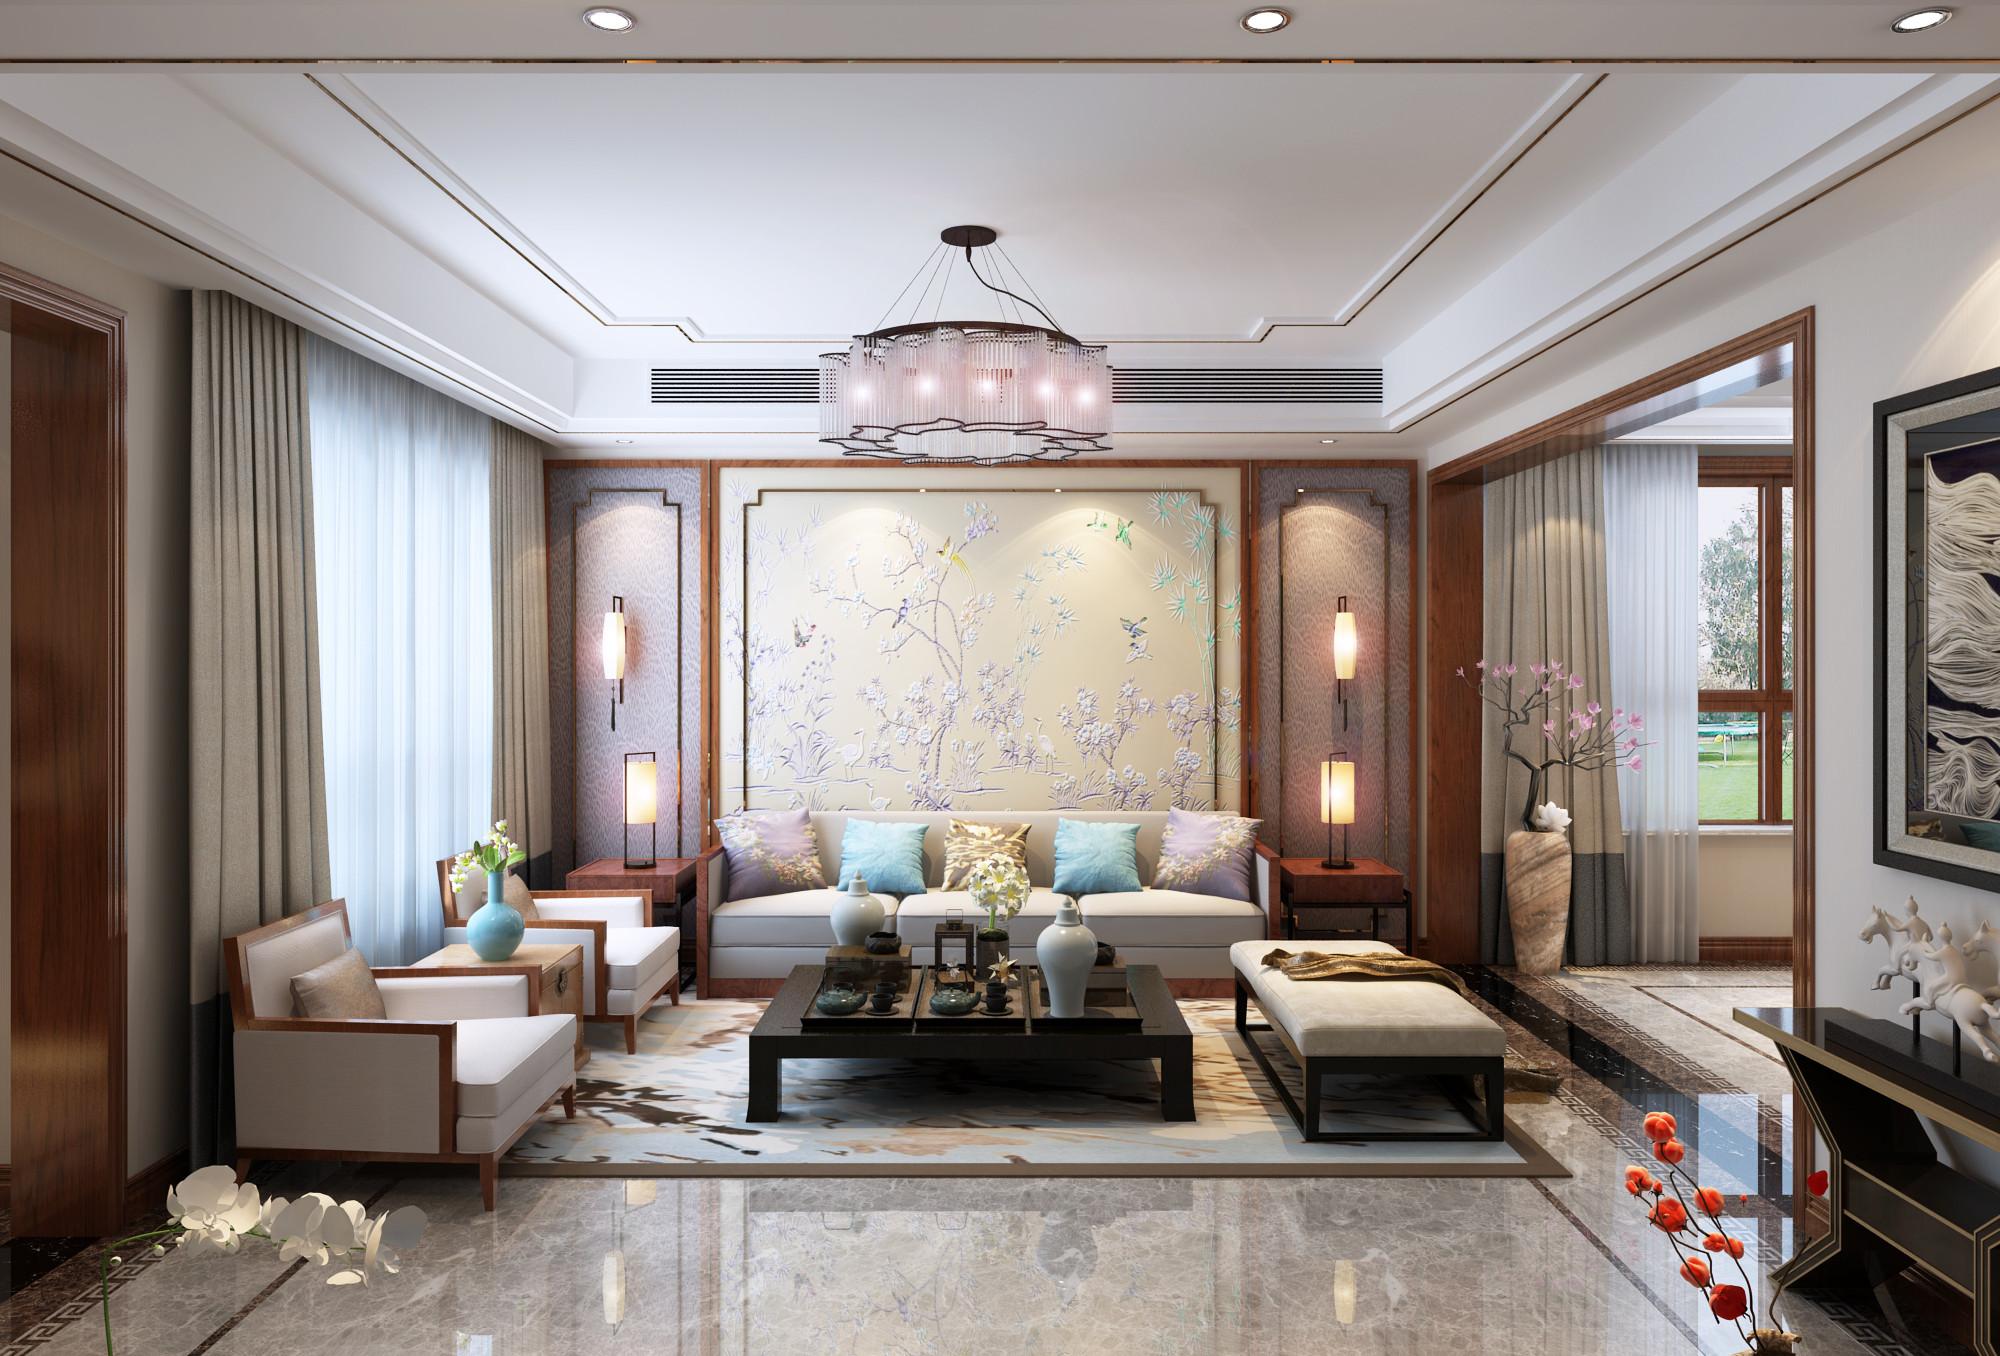 新中式豪华别墅装修沙发背景墙图片